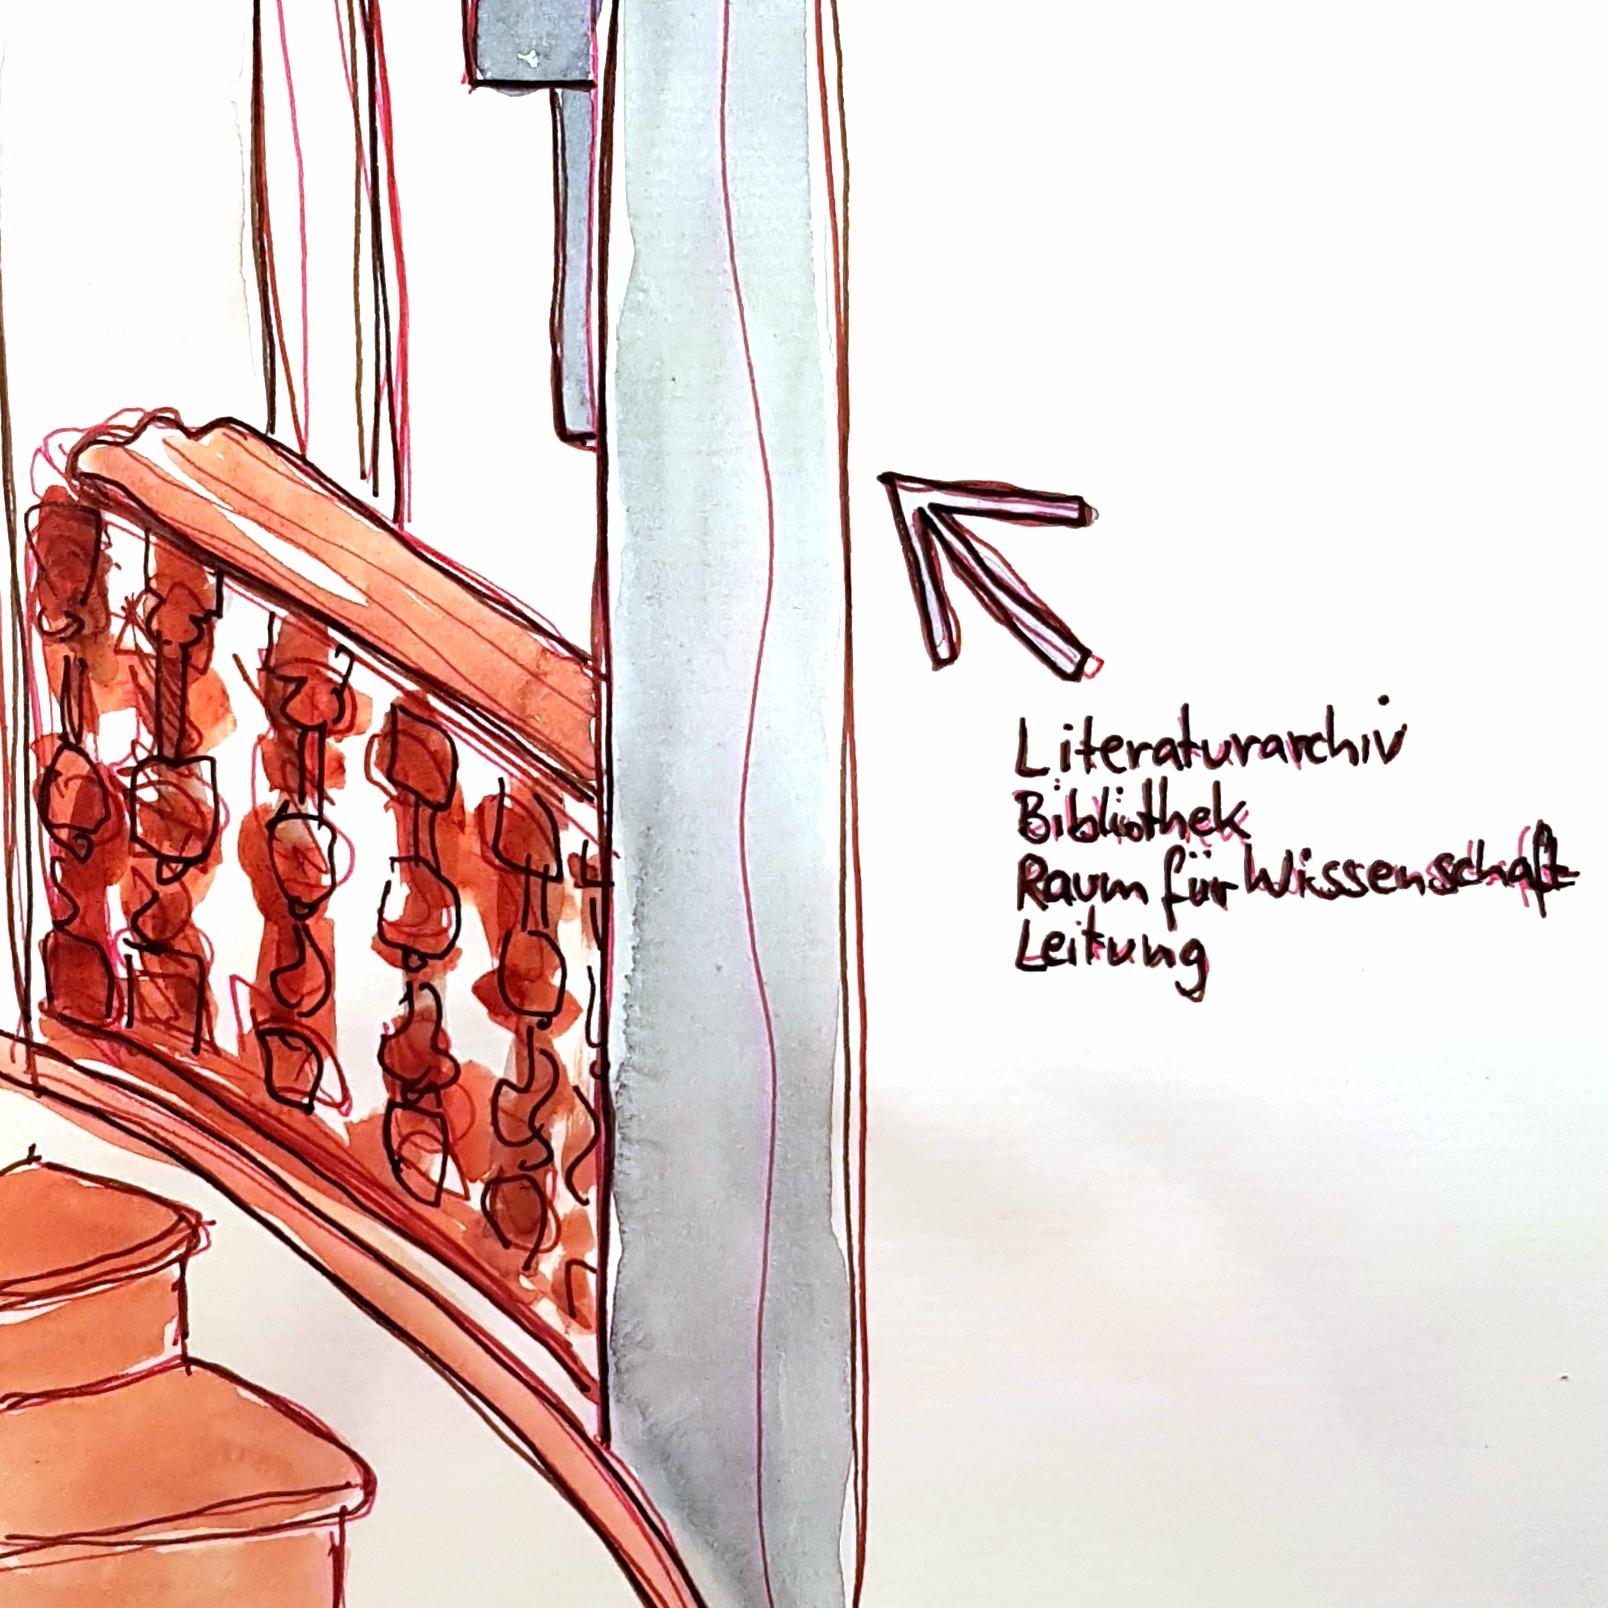 Treppe zum Literaturarchiv